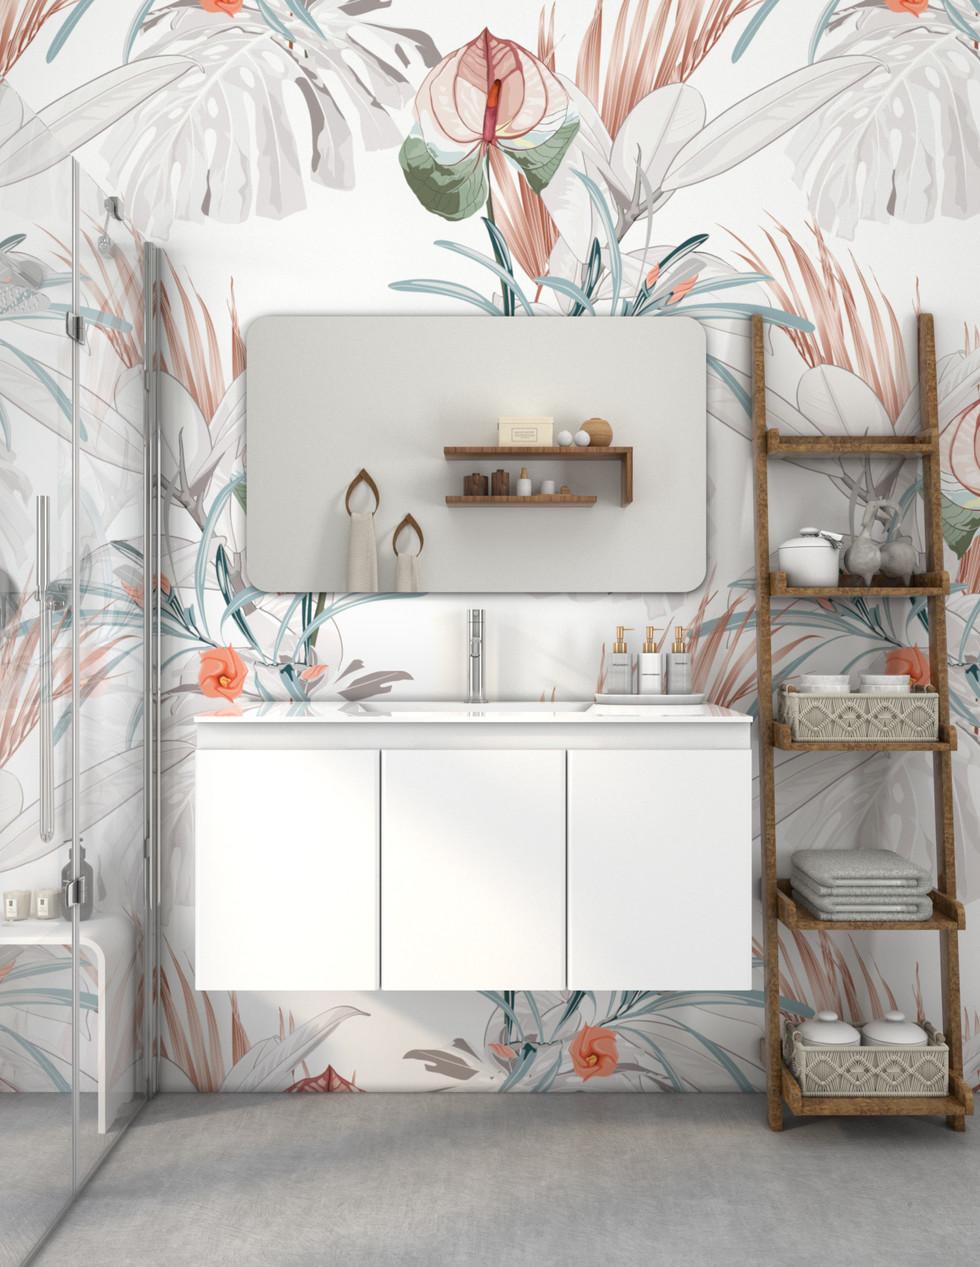 Doors 100 - White_app.jpg